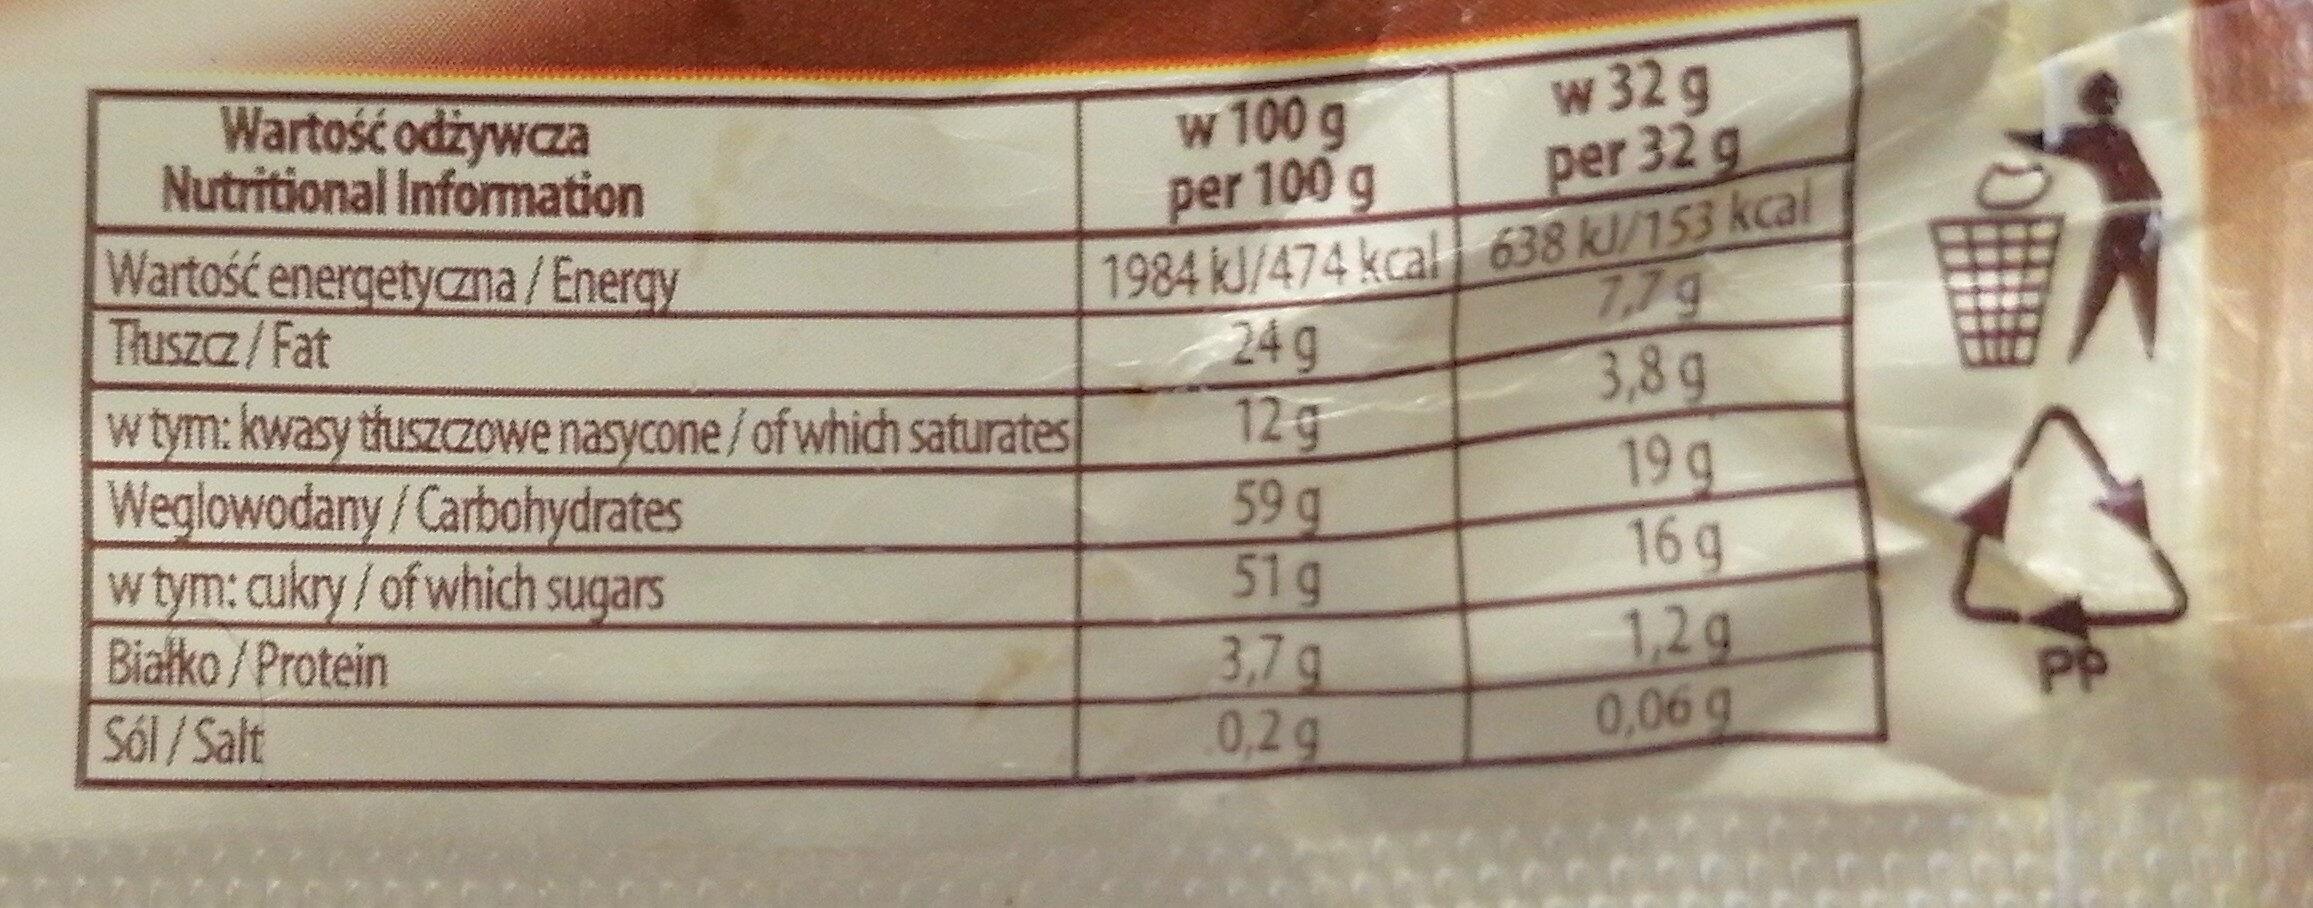 Sękacz kakaowy. - Nutrition facts